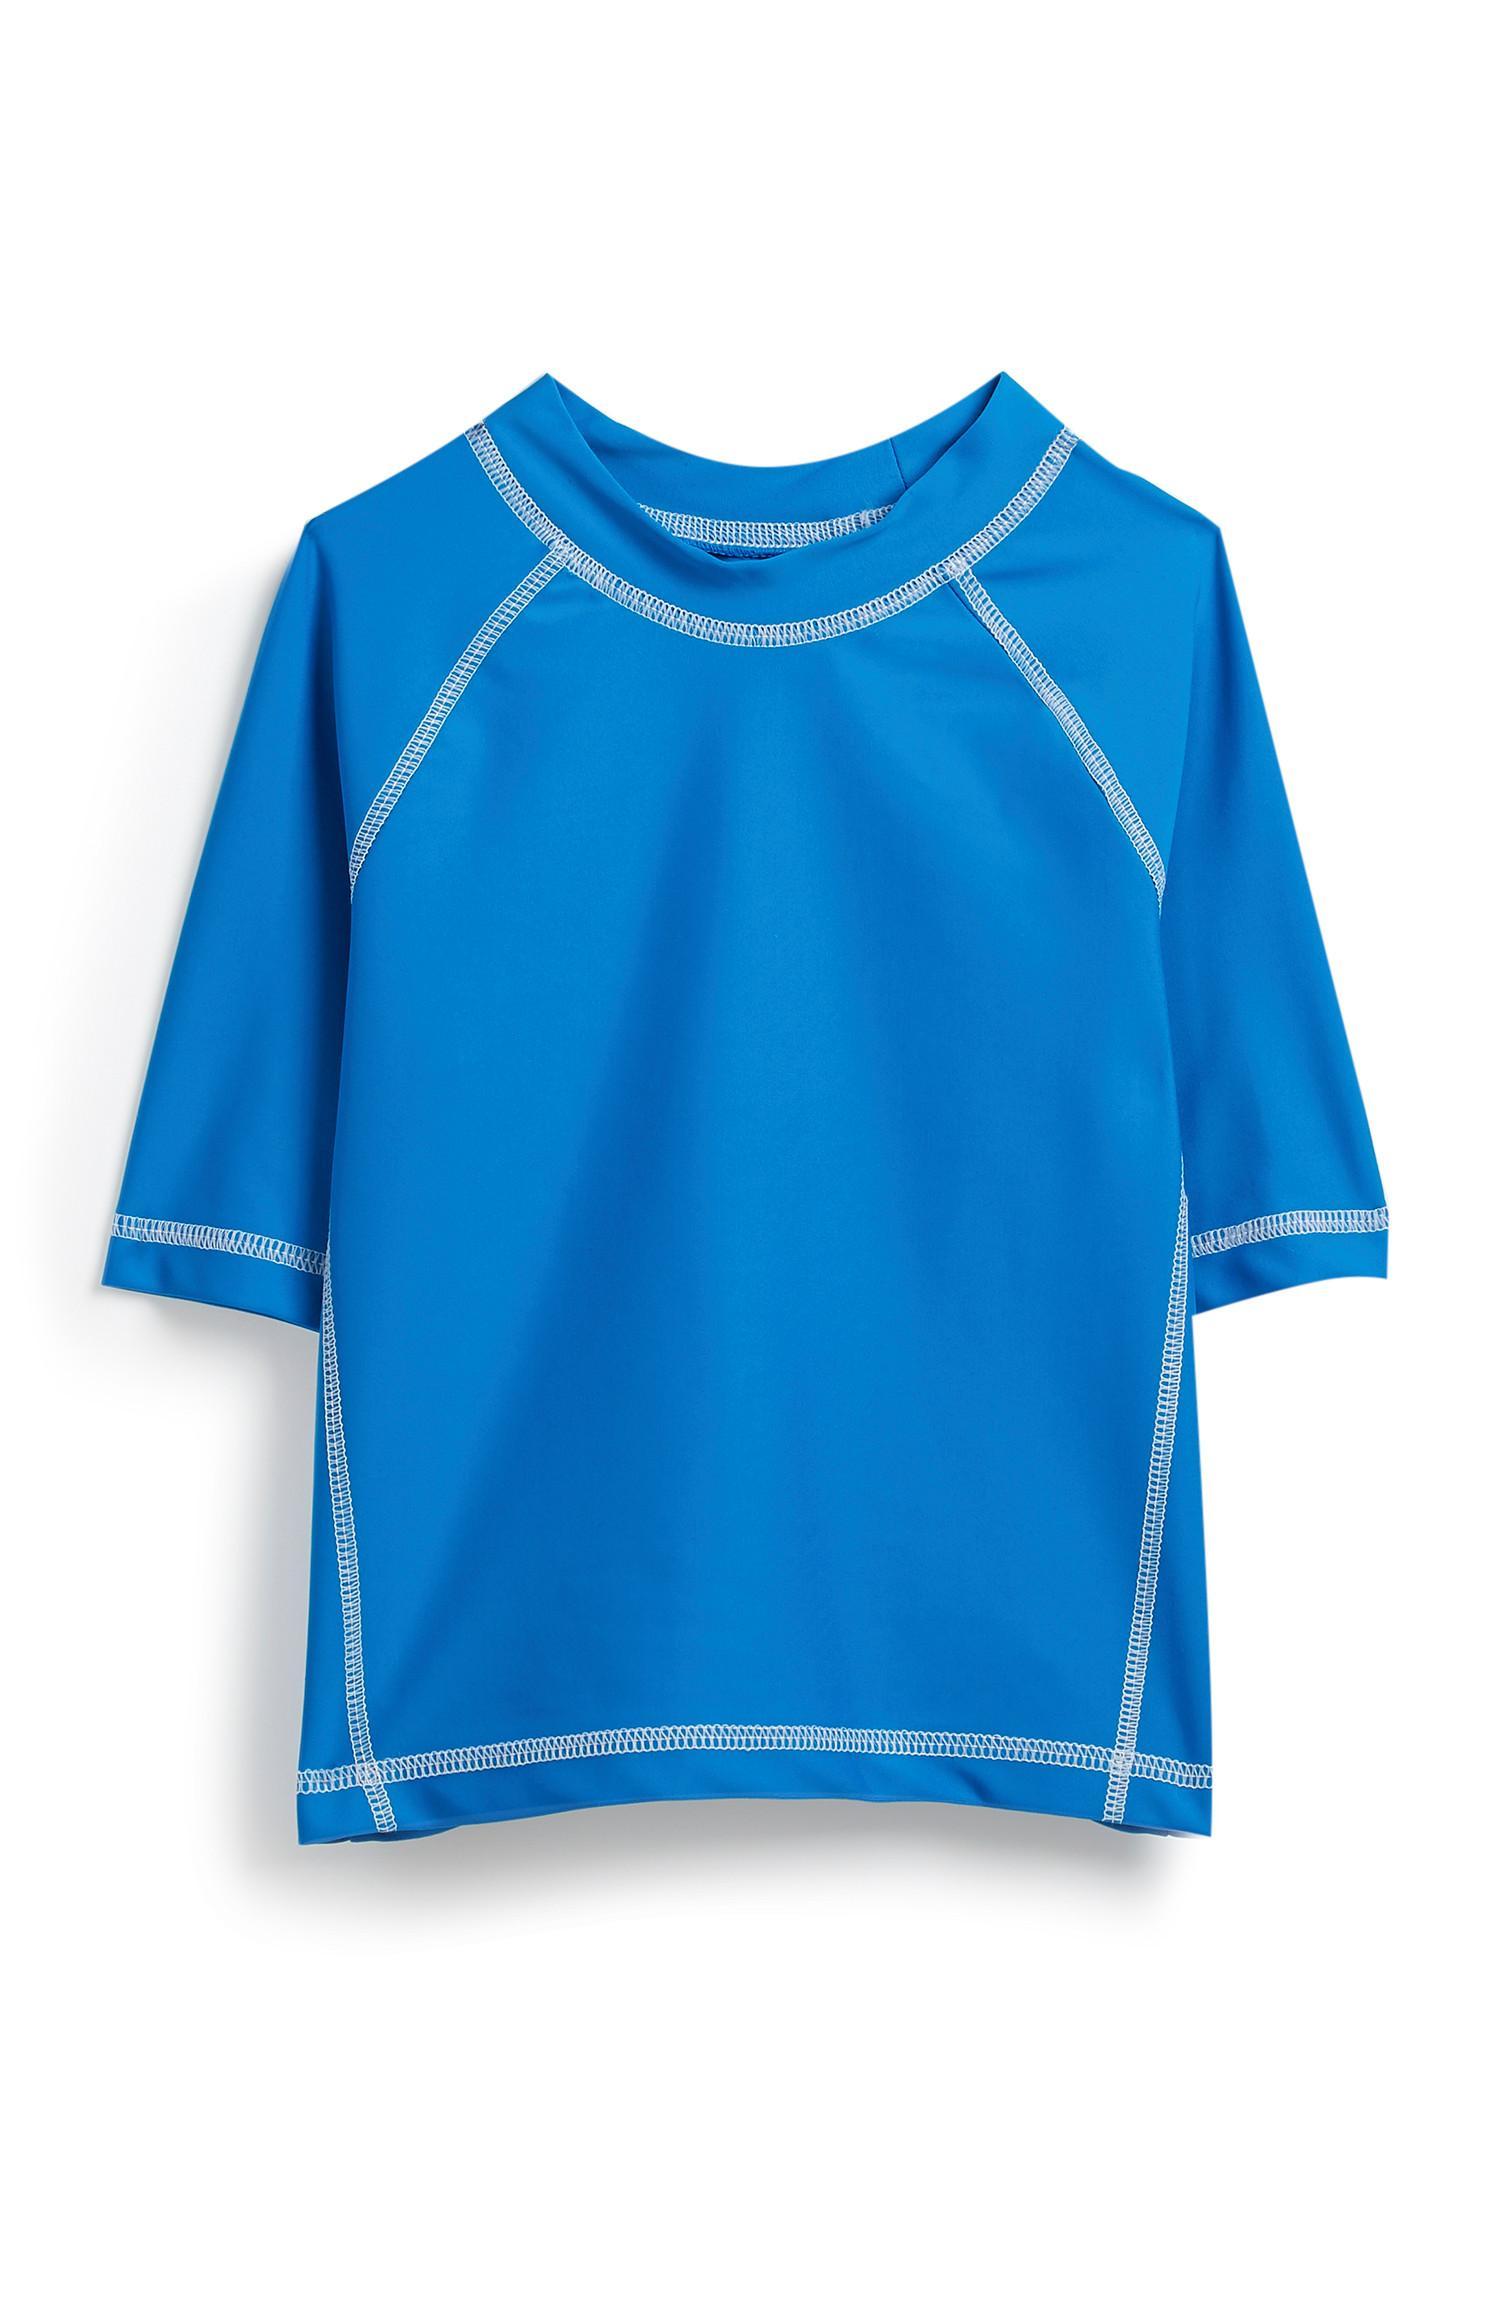 Blauw uv-veilig shirt, jongens